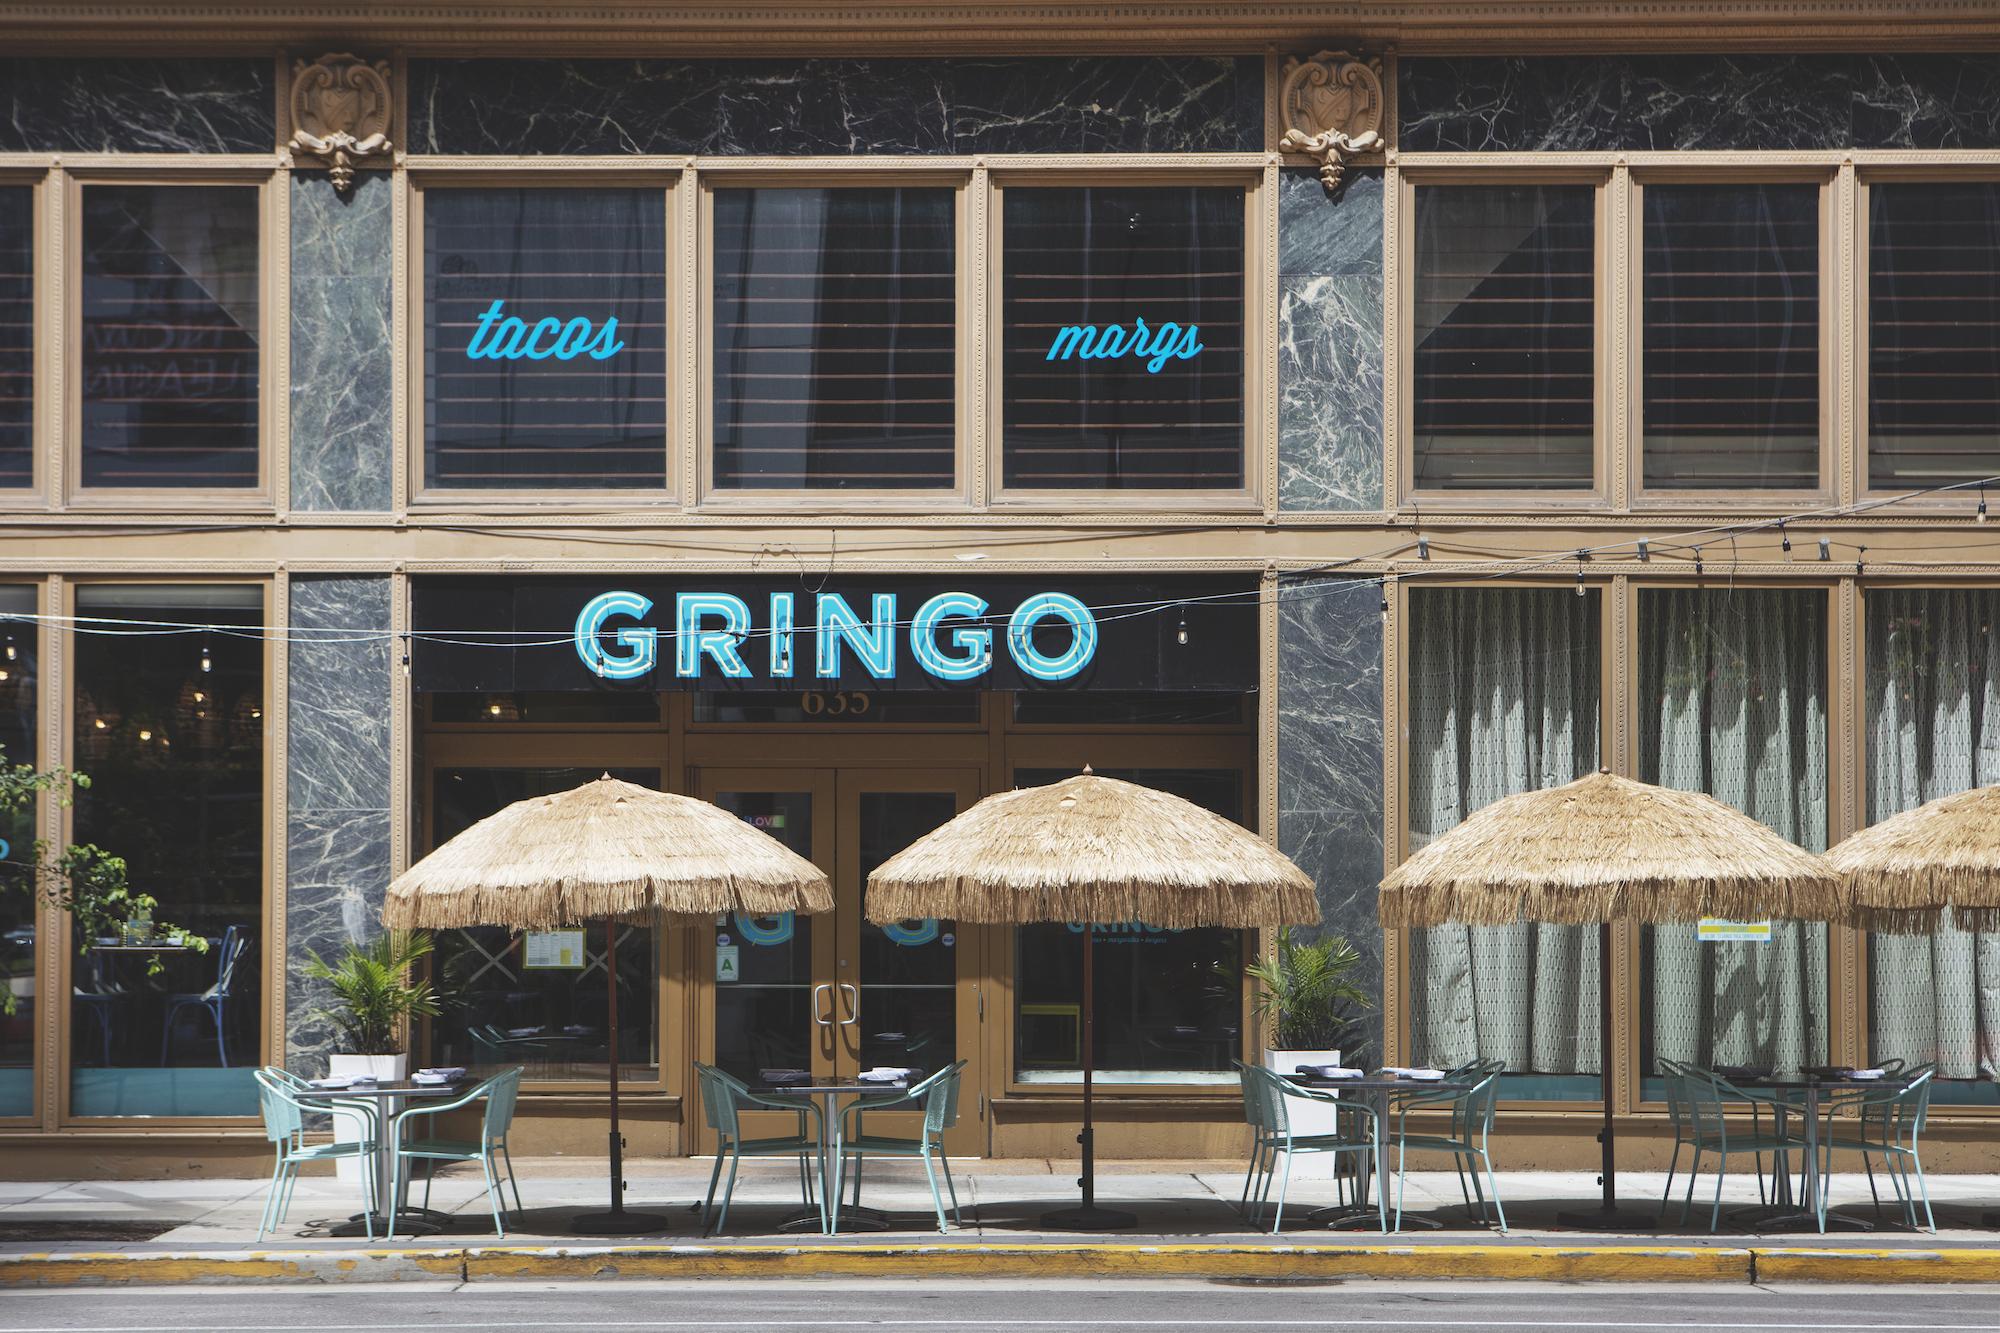 Gringo_MX_Facade.jpeg